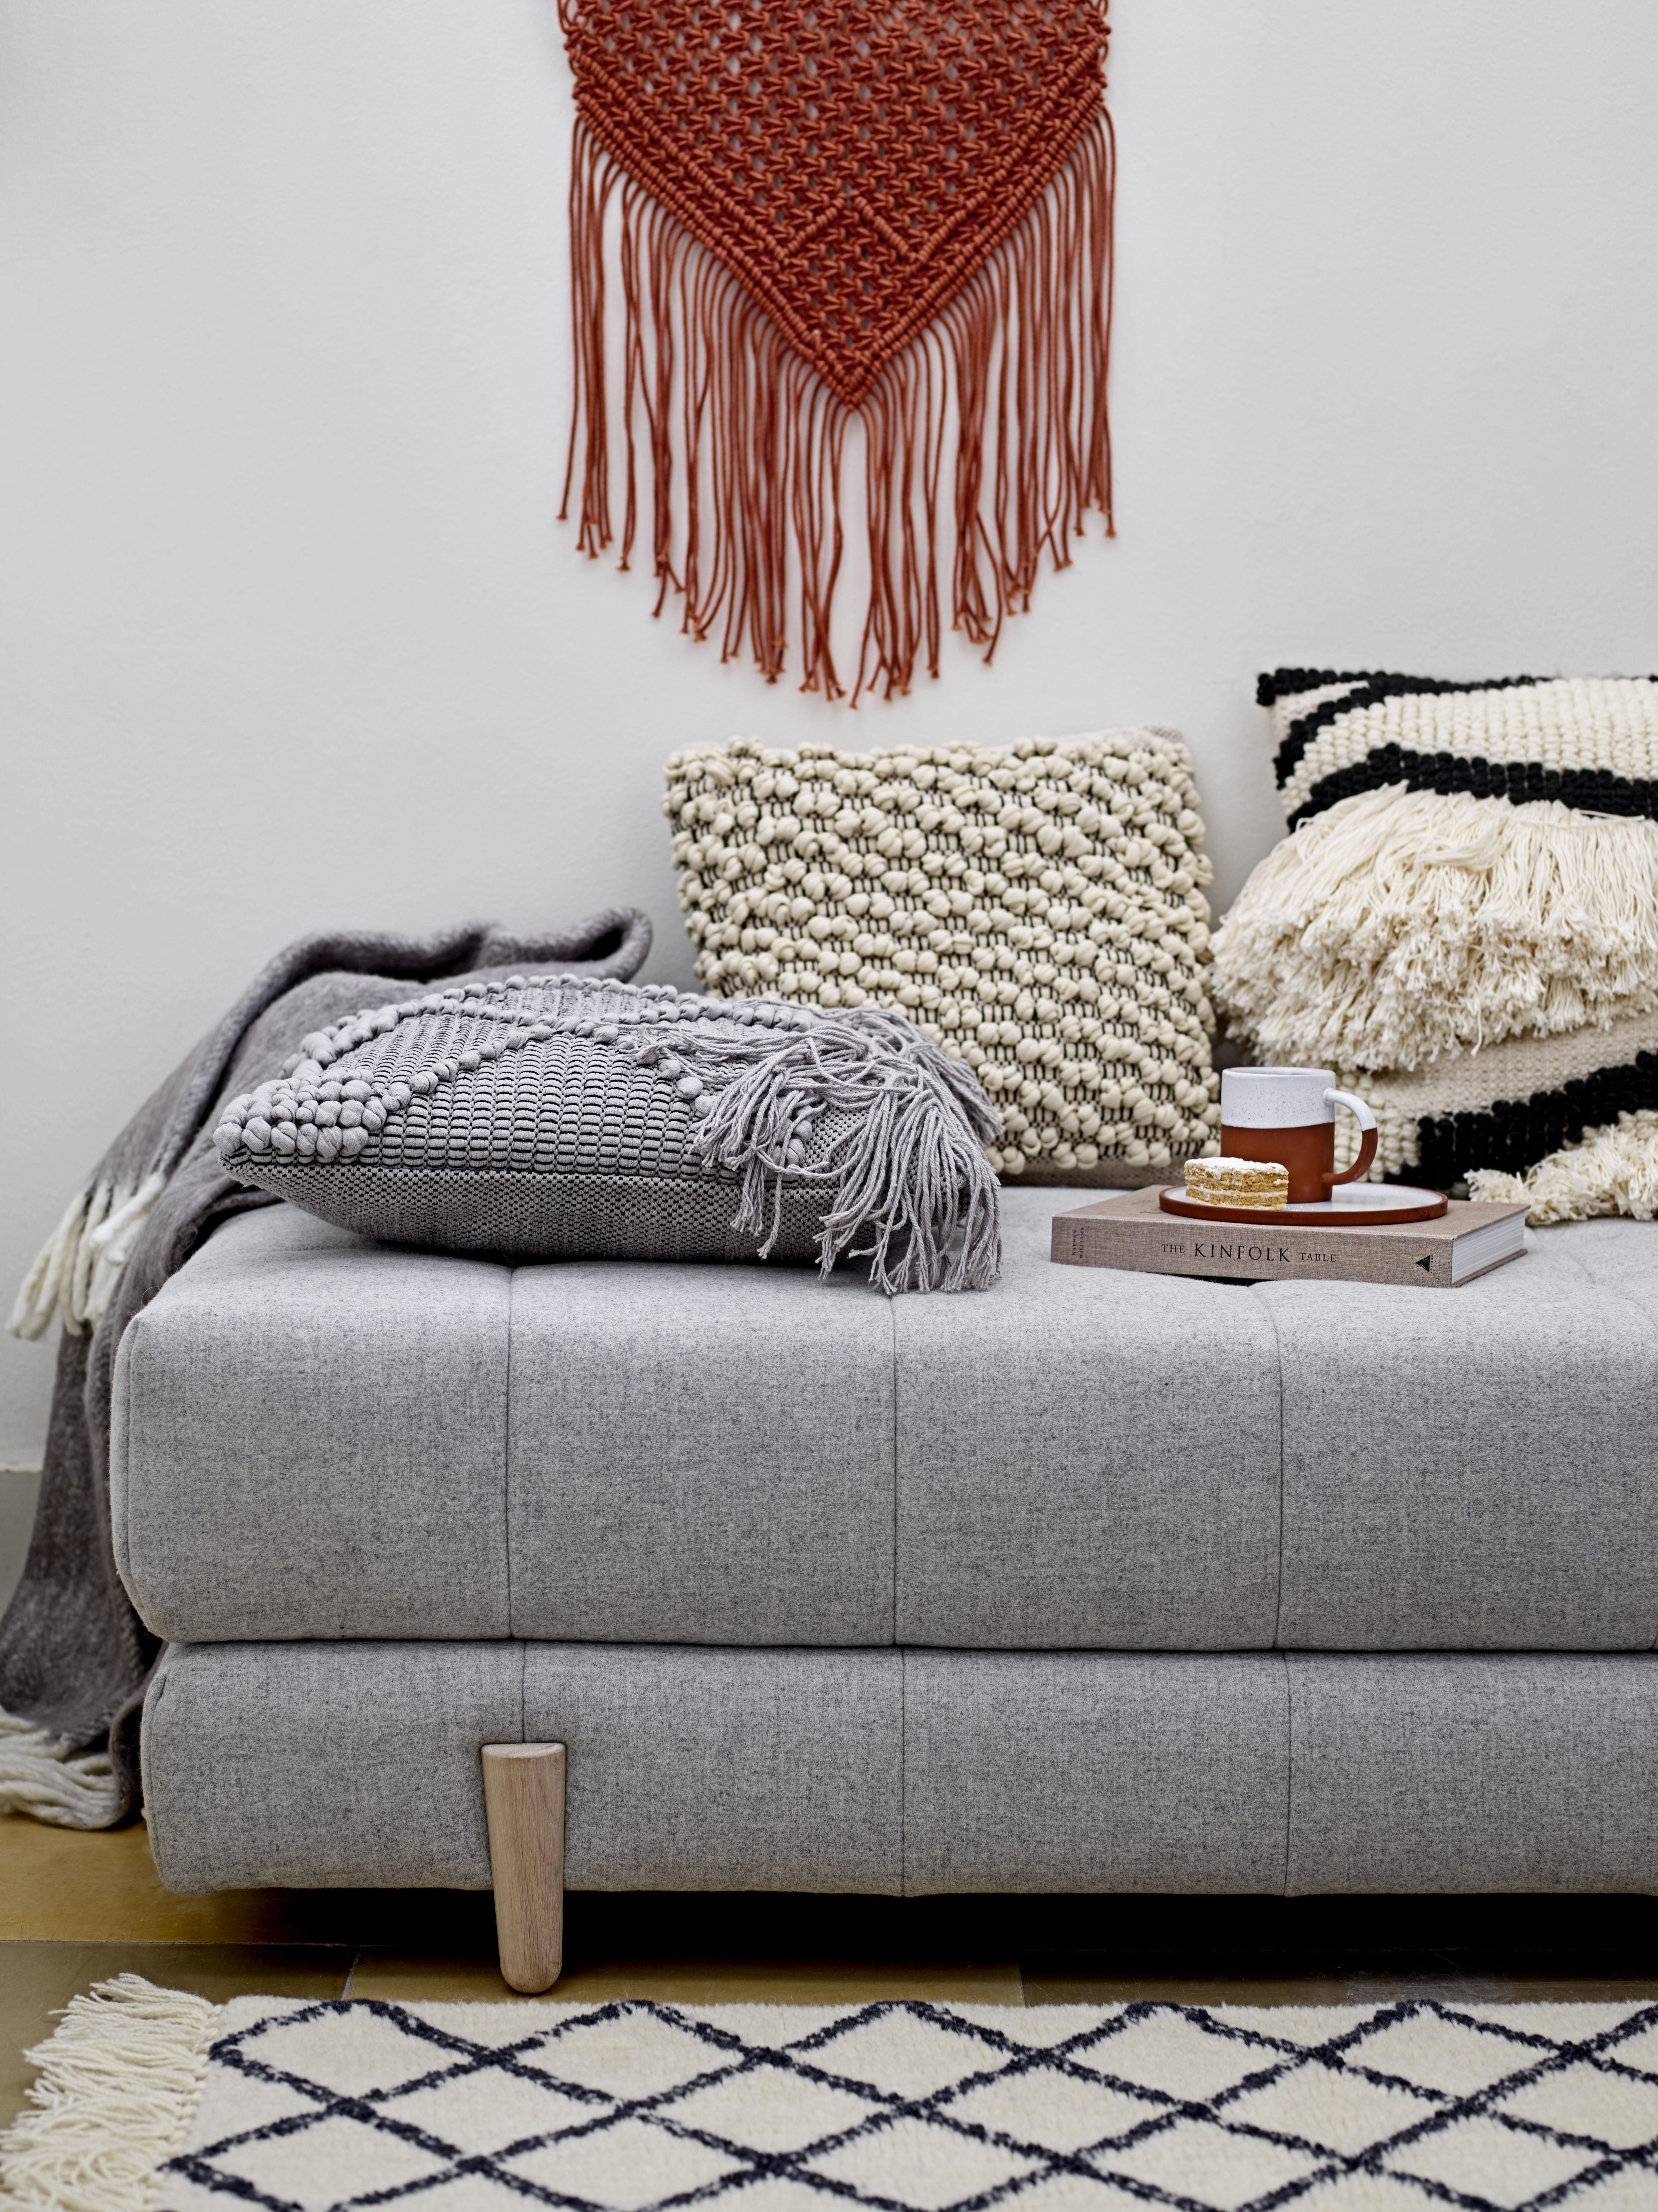 lit de jour bulky bloomingville gris clair ch ne. Black Bedroom Furniture Sets. Home Design Ideas